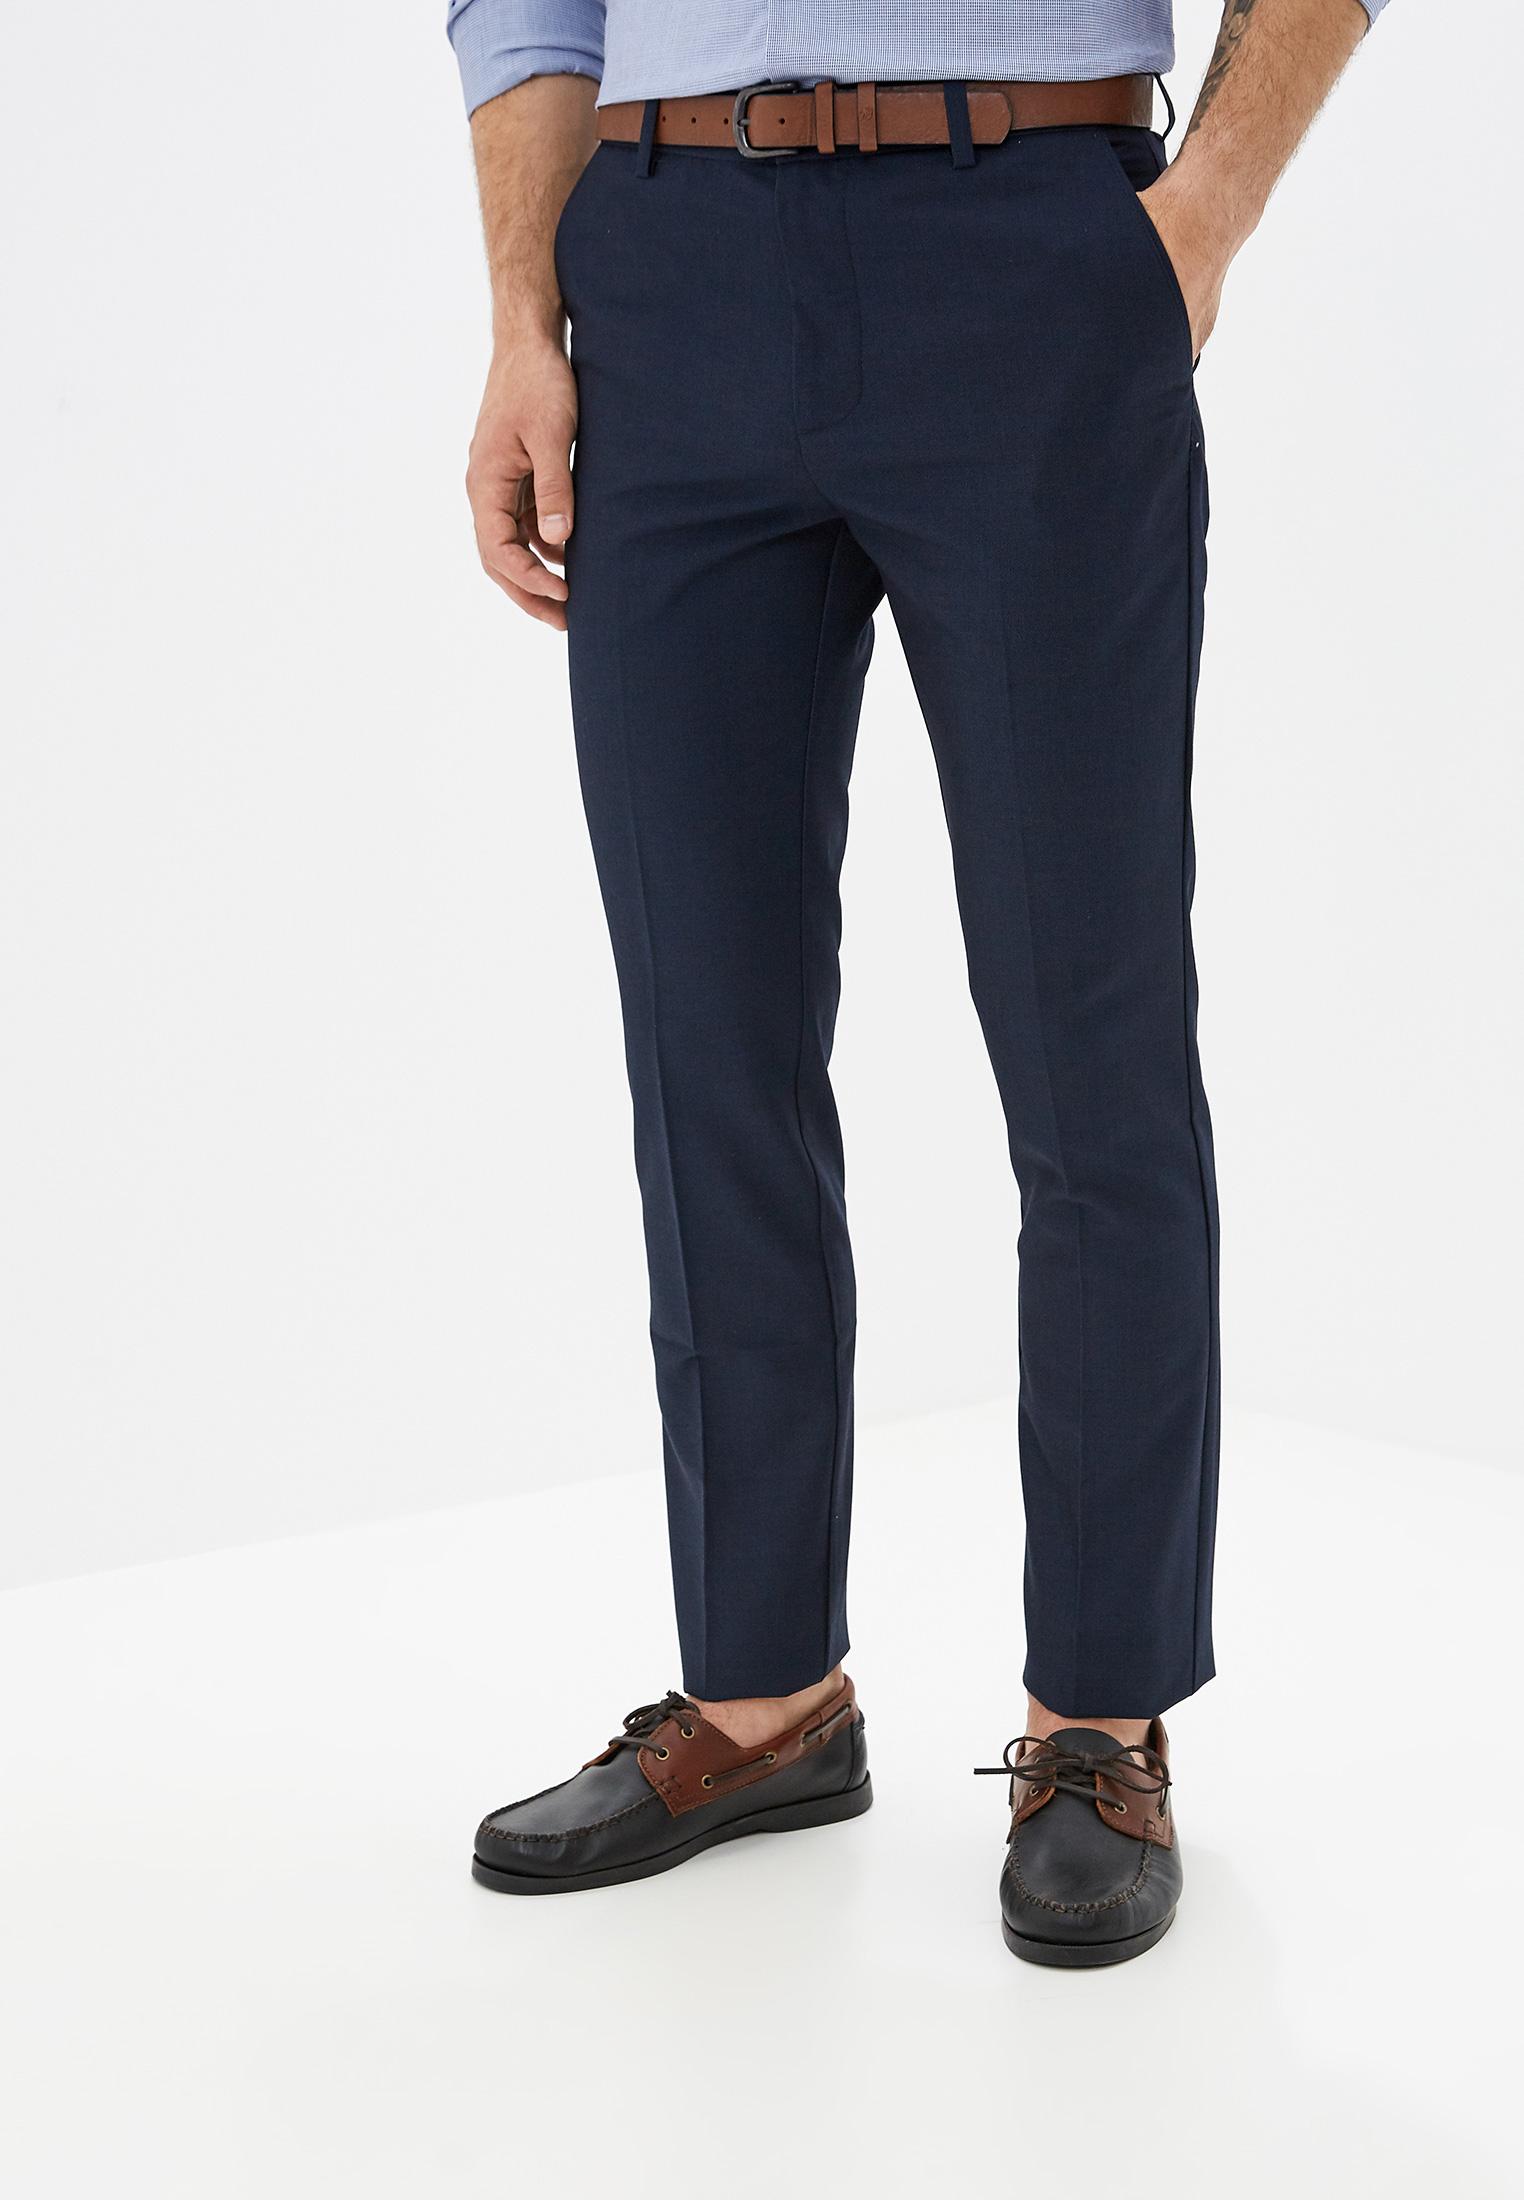 Мужские классические брюки O'stin MP4V46